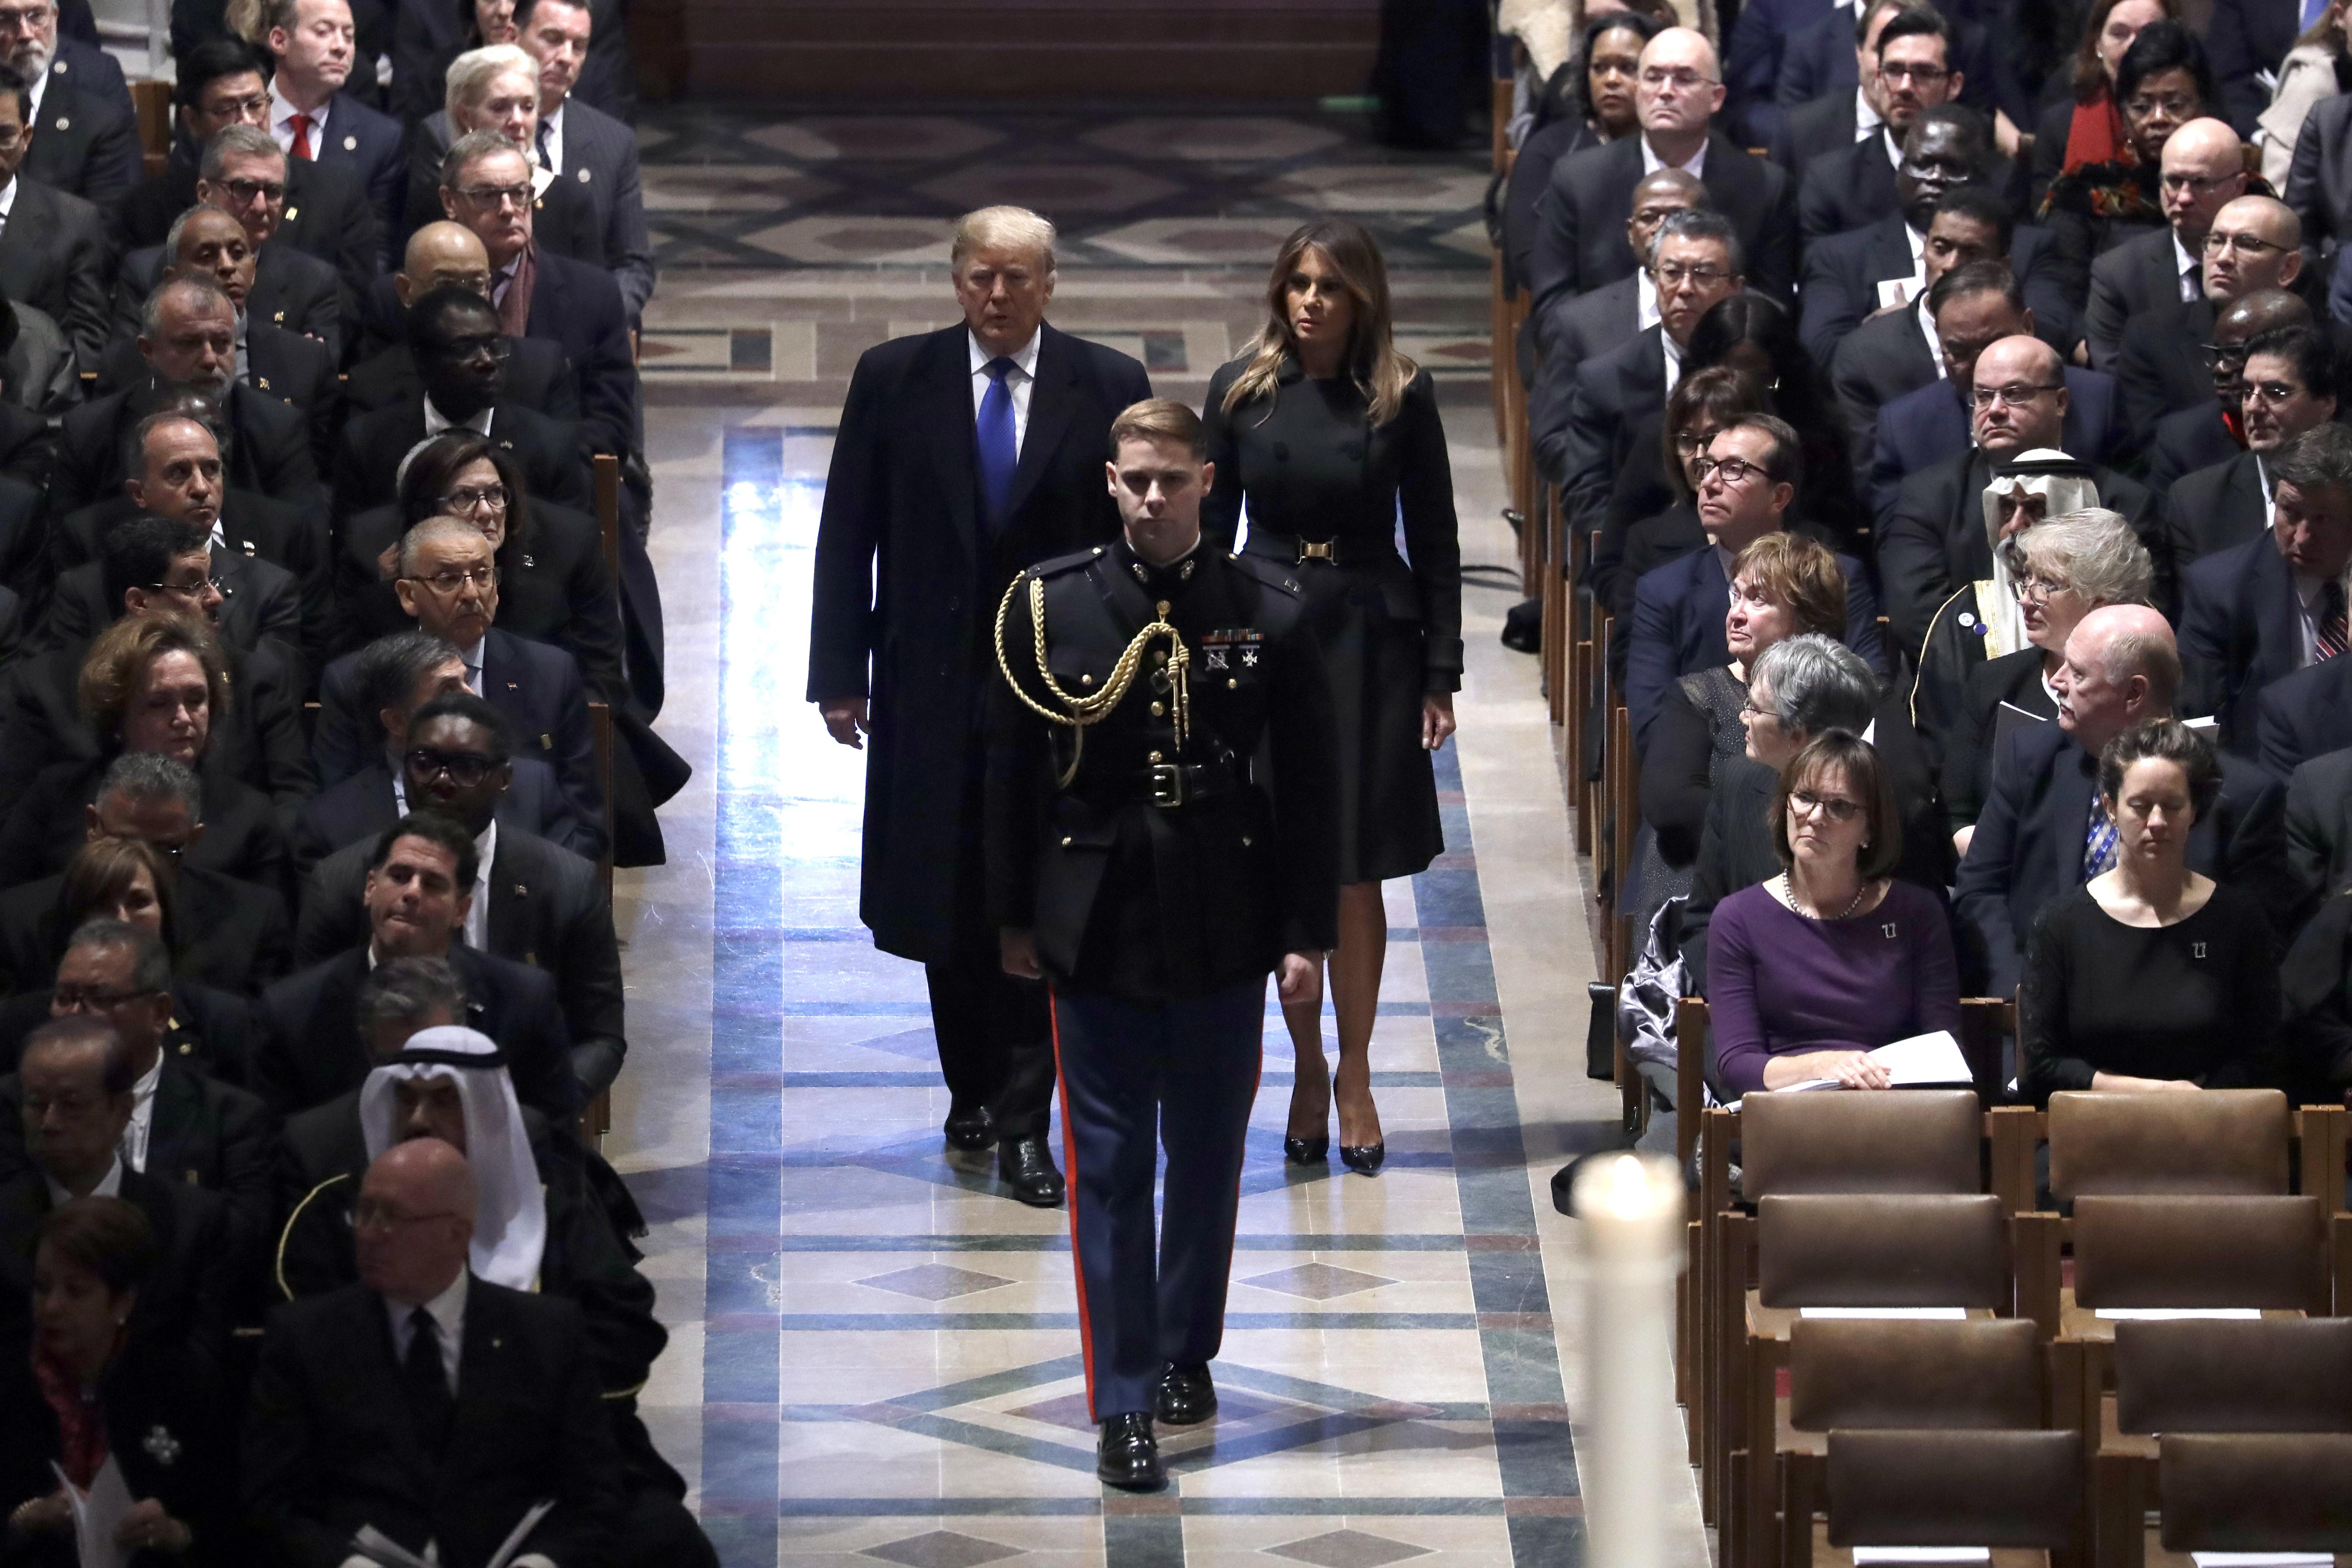 El presidente Donald Trump y la primera dama Melania Trump llegan al funeral del ex presidente George H.W. Bush, en la Catedral Nacional, el miércoles 5 de diciembre de 2018, en Washington. (AP)